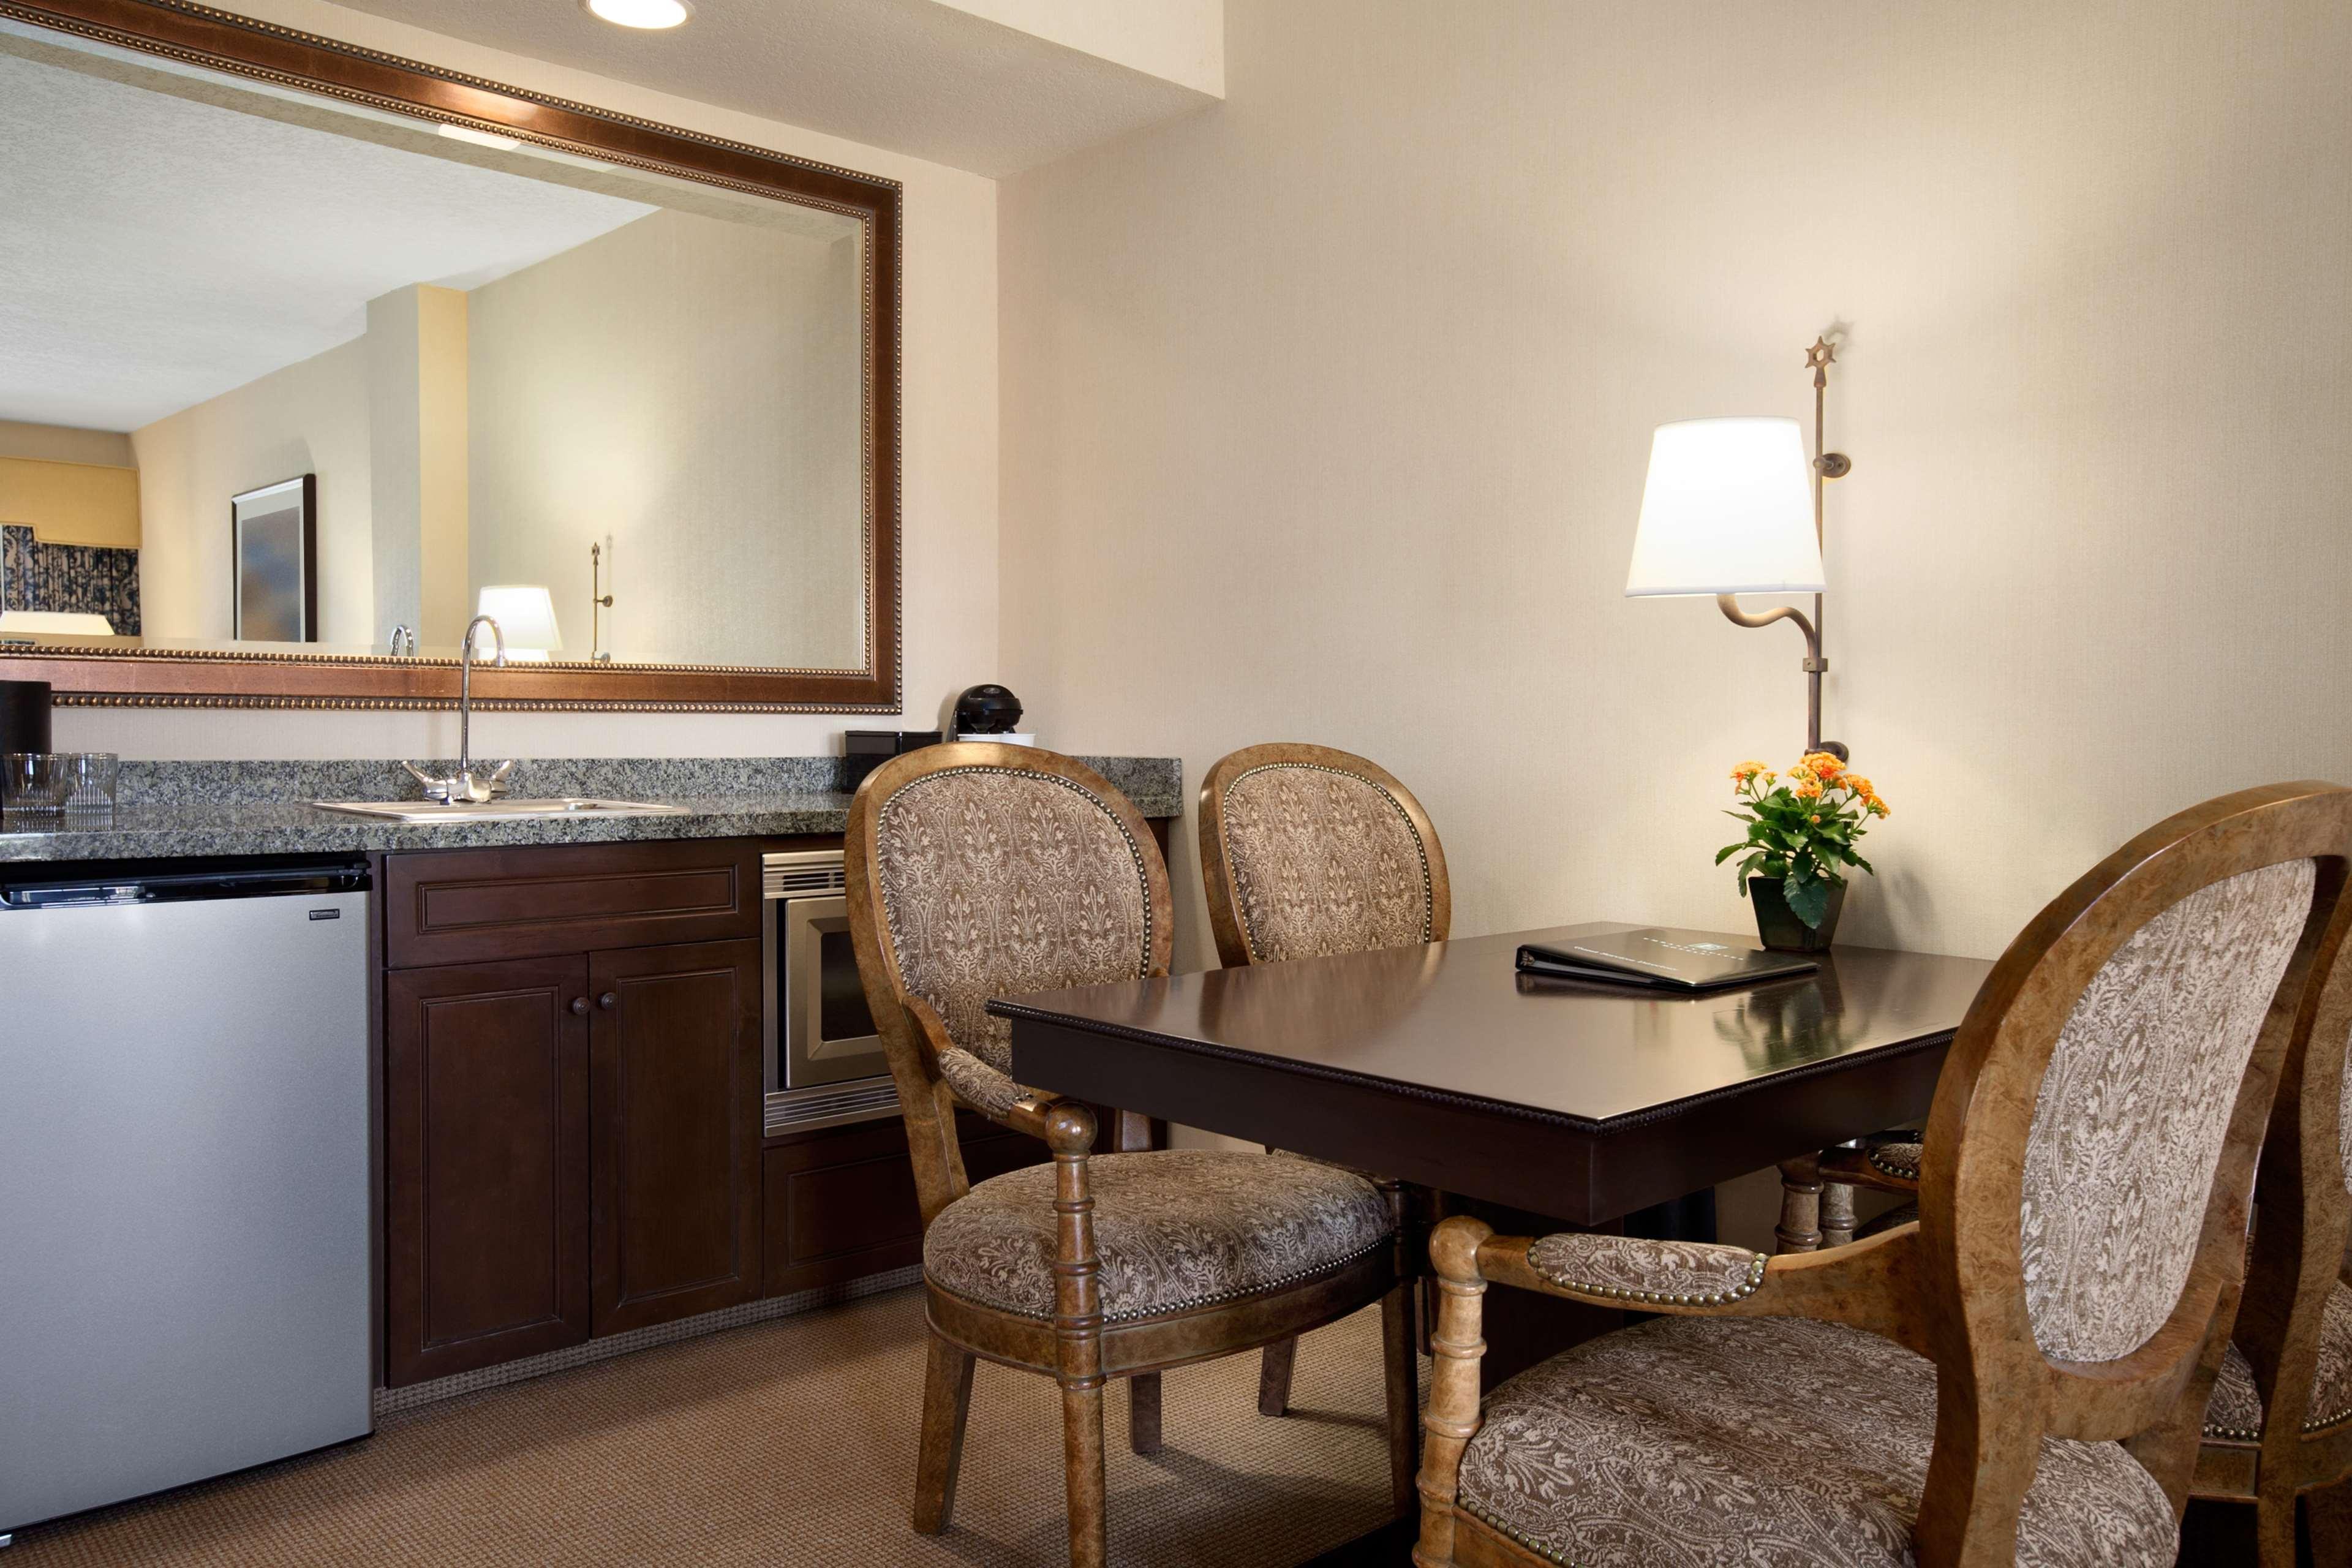 Embassy Suites by Hilton La Quinta Hotel & Spa image 26